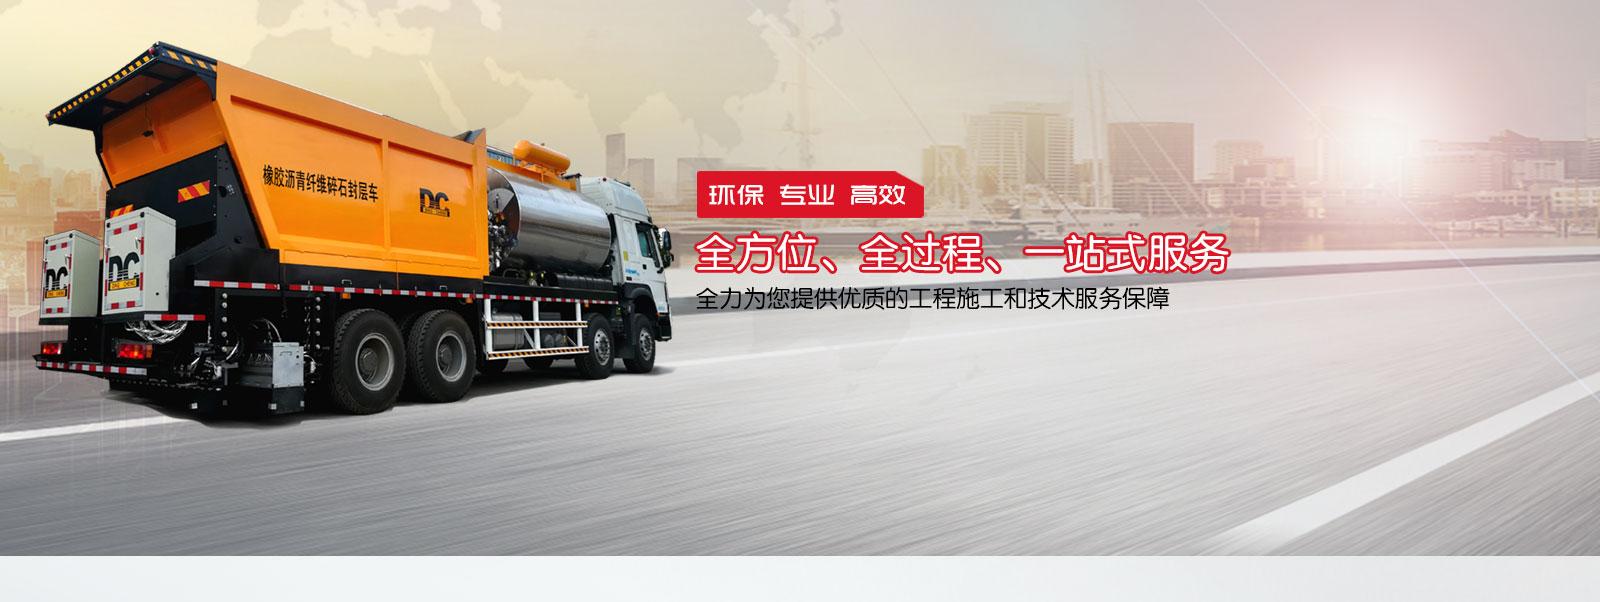 河南鼎诚公路养护设备有限公司